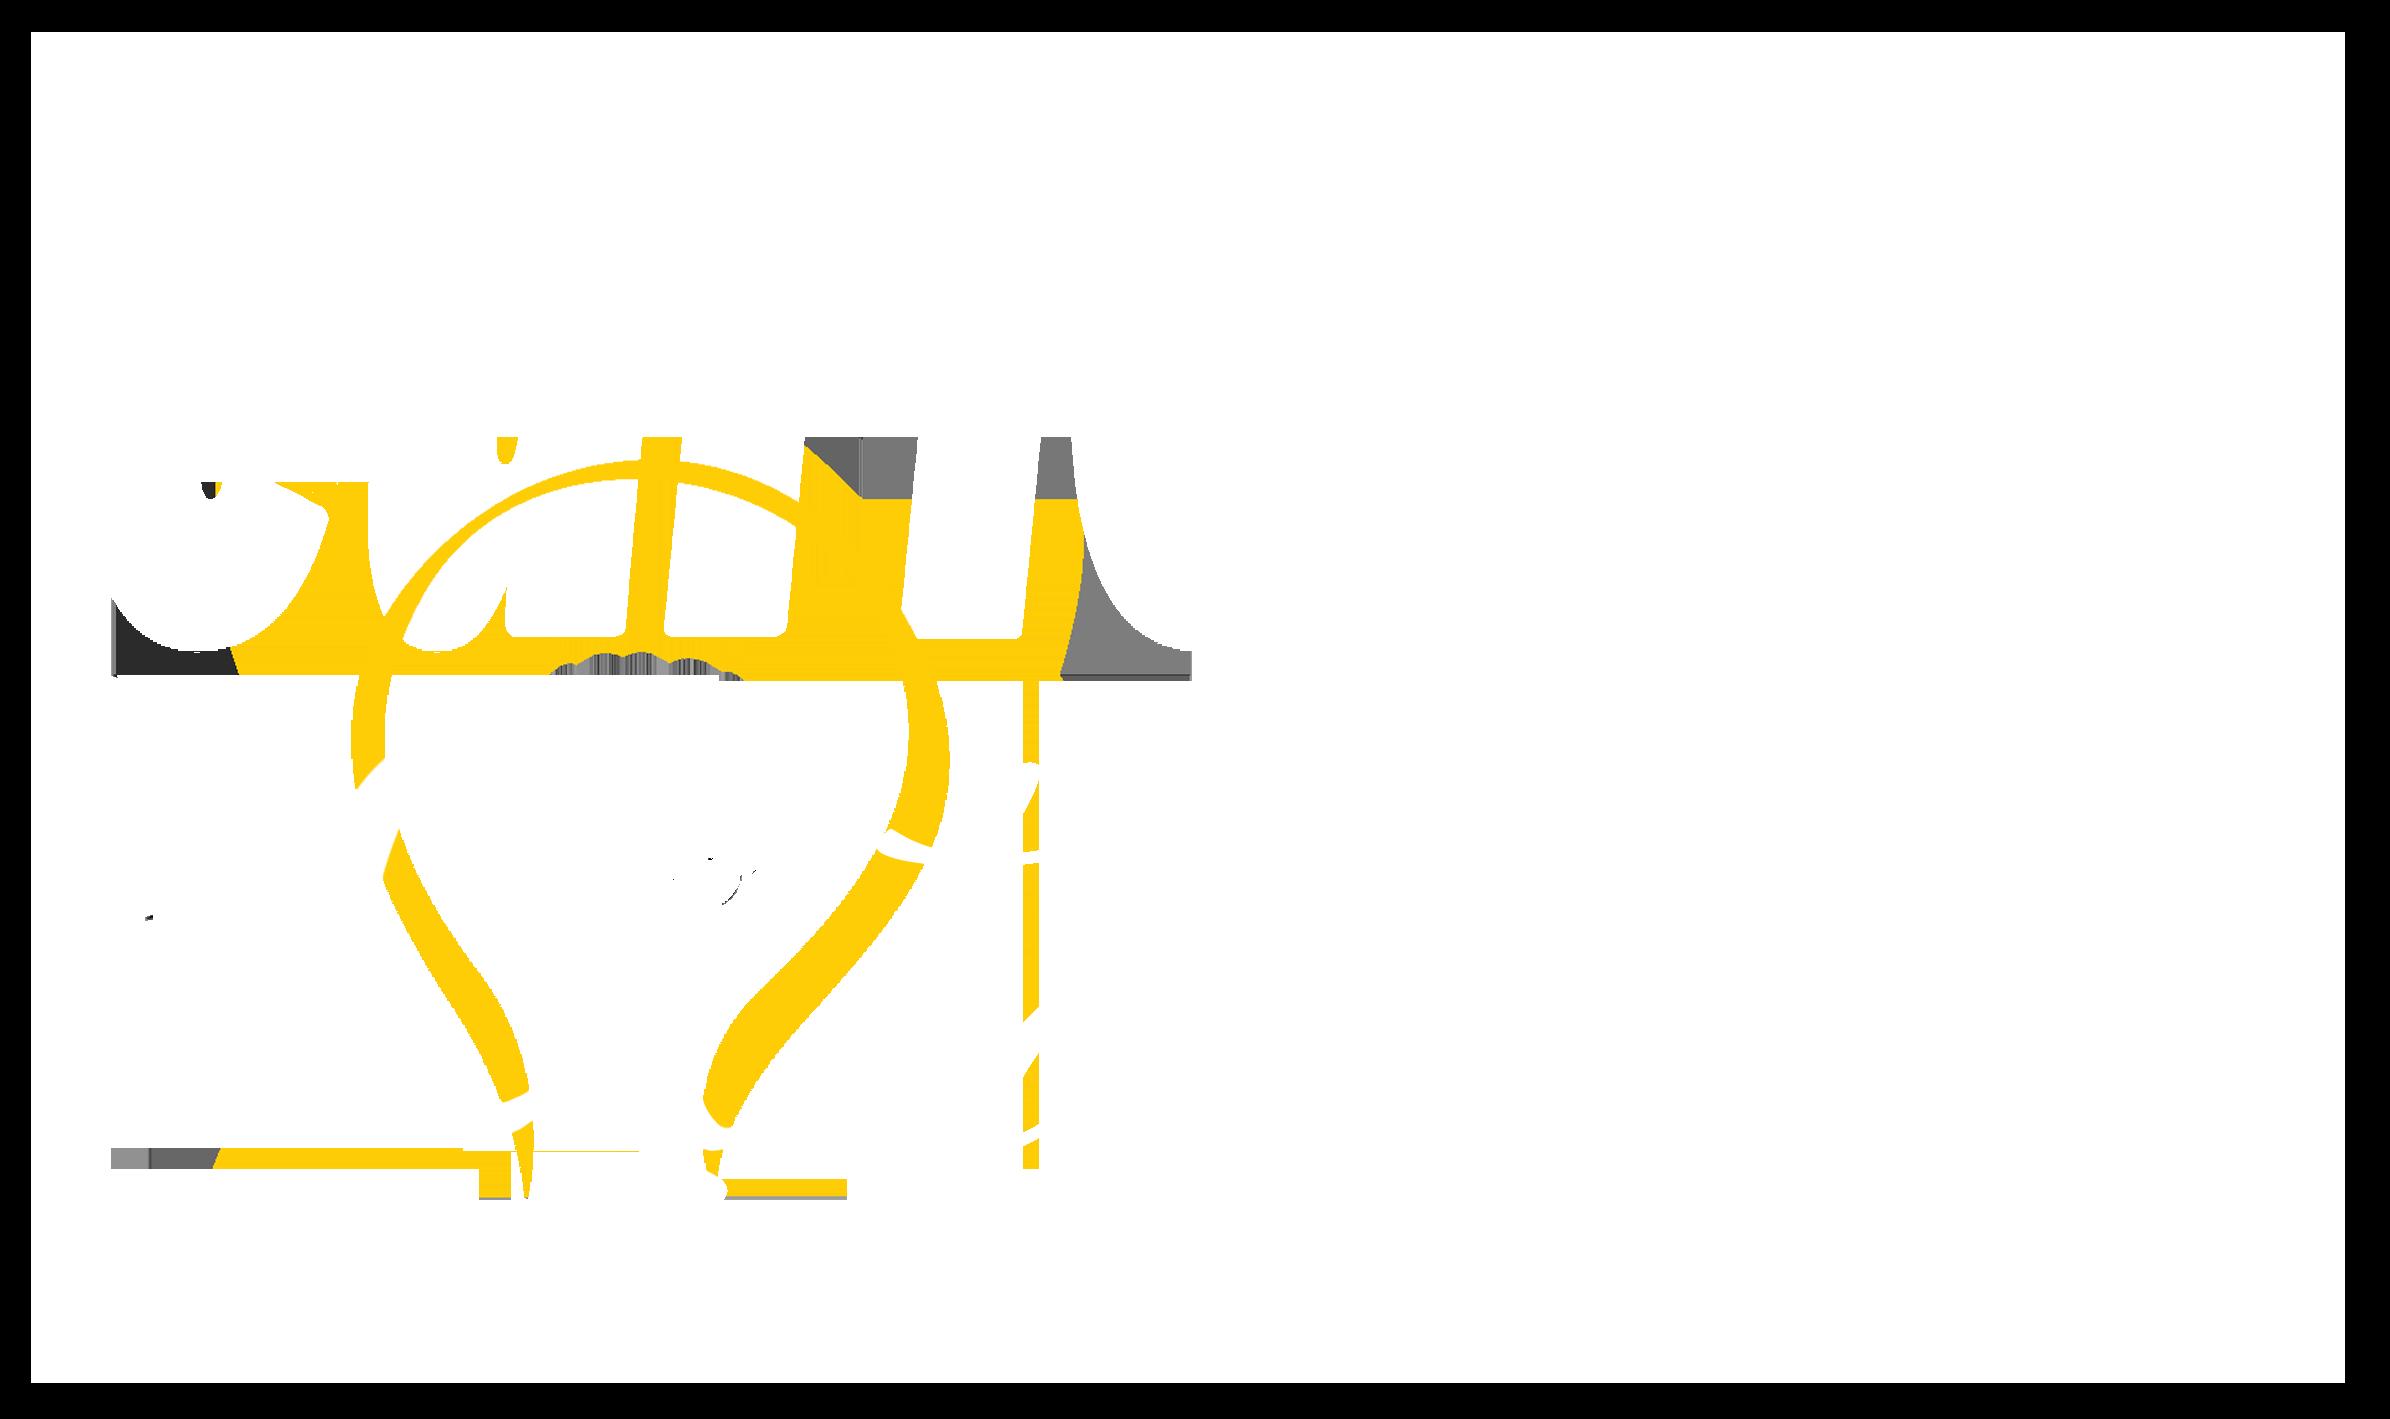 logo curiosity untamed